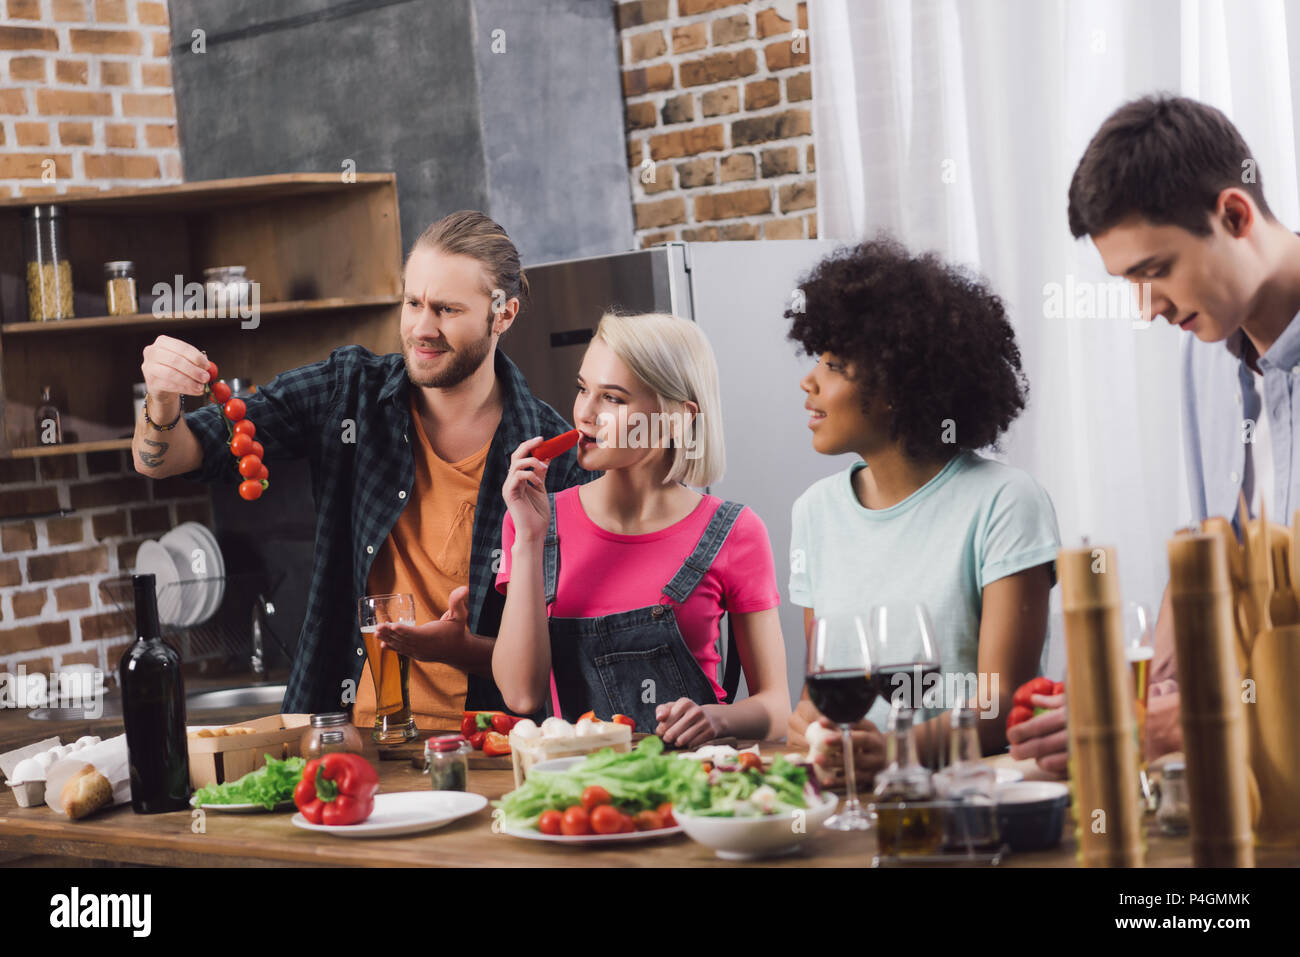 Multietnica amici degustazione di alcuni alimenti durante la cottura in cucina Immagini Stock